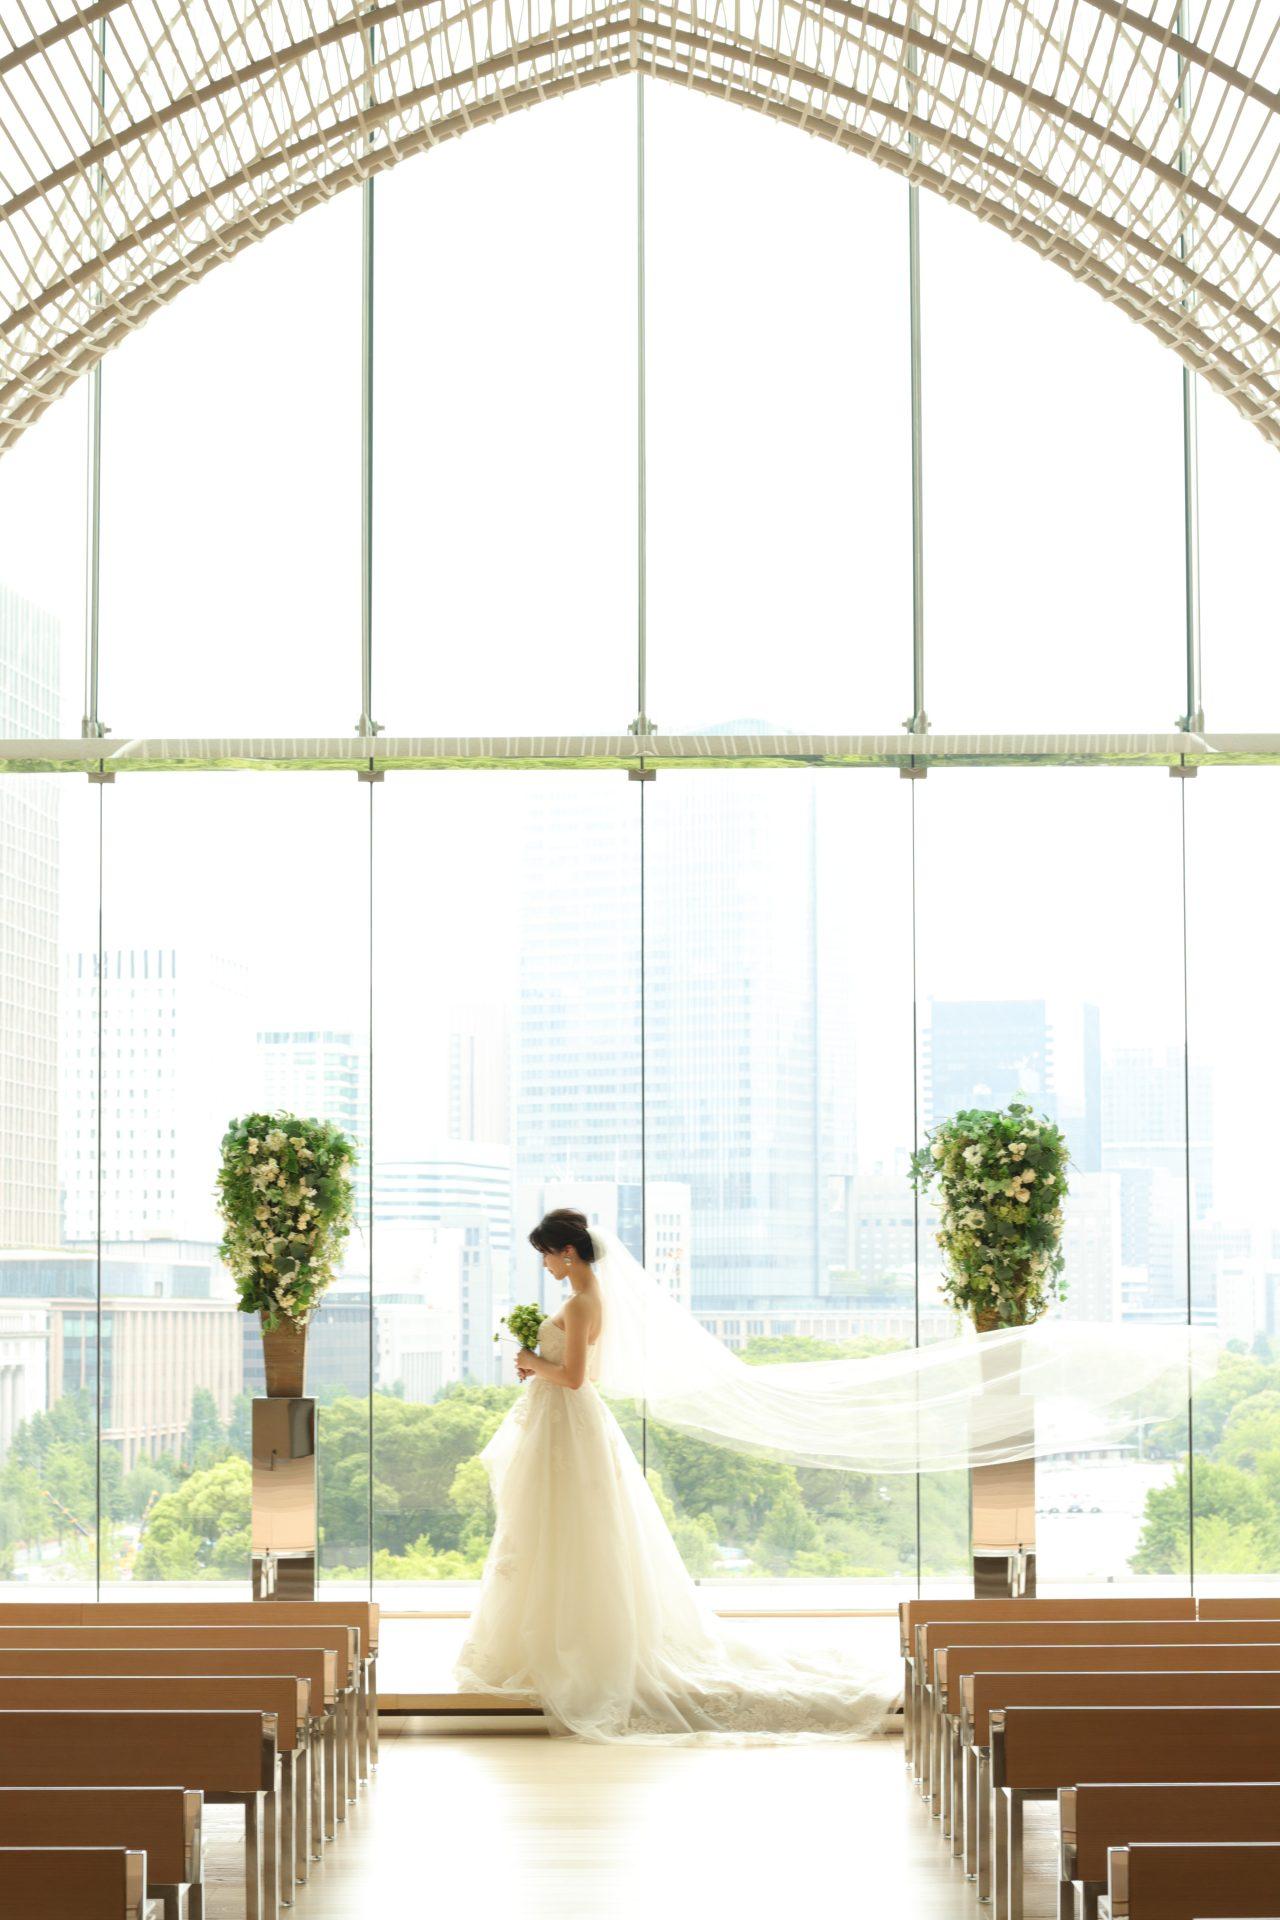 東京丸の内の景色が一望できるパレスホテル東京のチャペルでは、ザ・トリート・ドレッシング アディション店が取り扱う洗練されたデザインのインポートドレスをお召しいただくことで、格式高いホテル婚を叶えられます